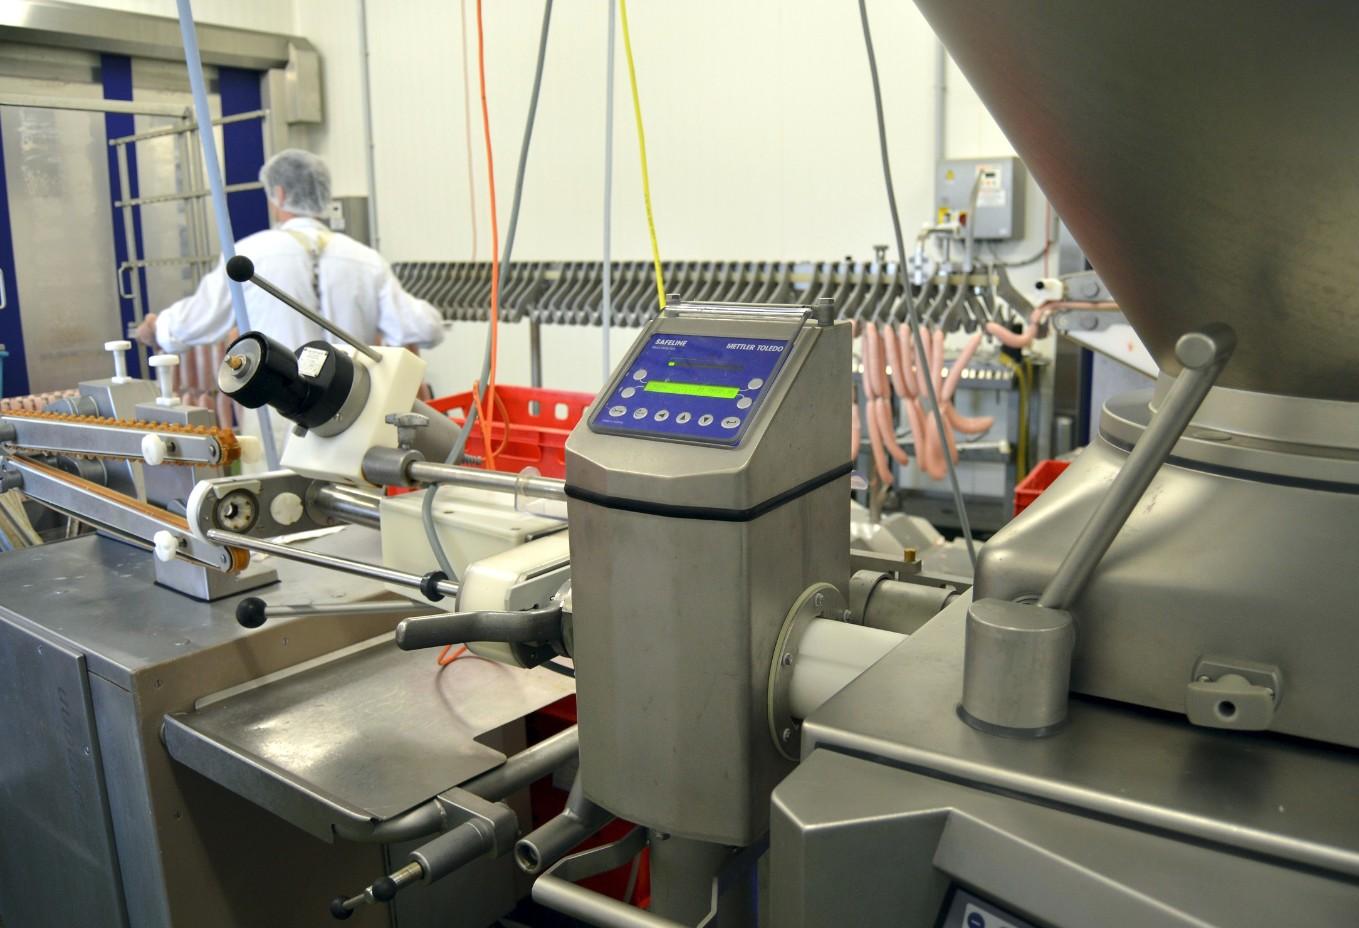 Rivelatore metalli contro la contaminazione